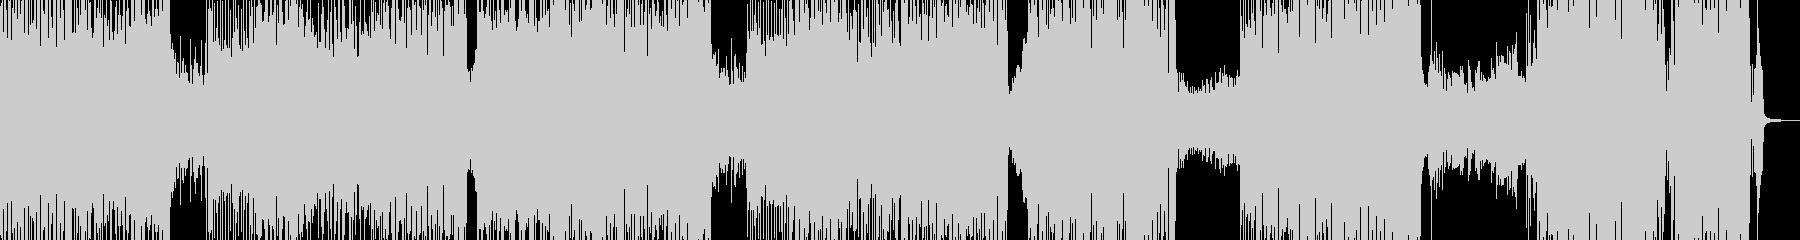 夏・元気の溢れるカラフルなロック Bの未再生の波形